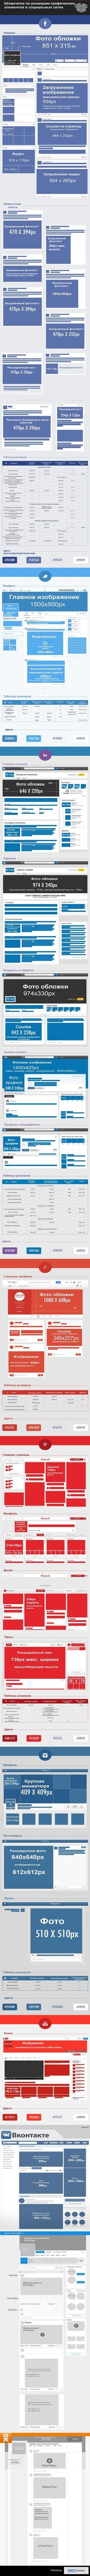 Инфографика: Гид по размерам графических элементов в социальных сетях